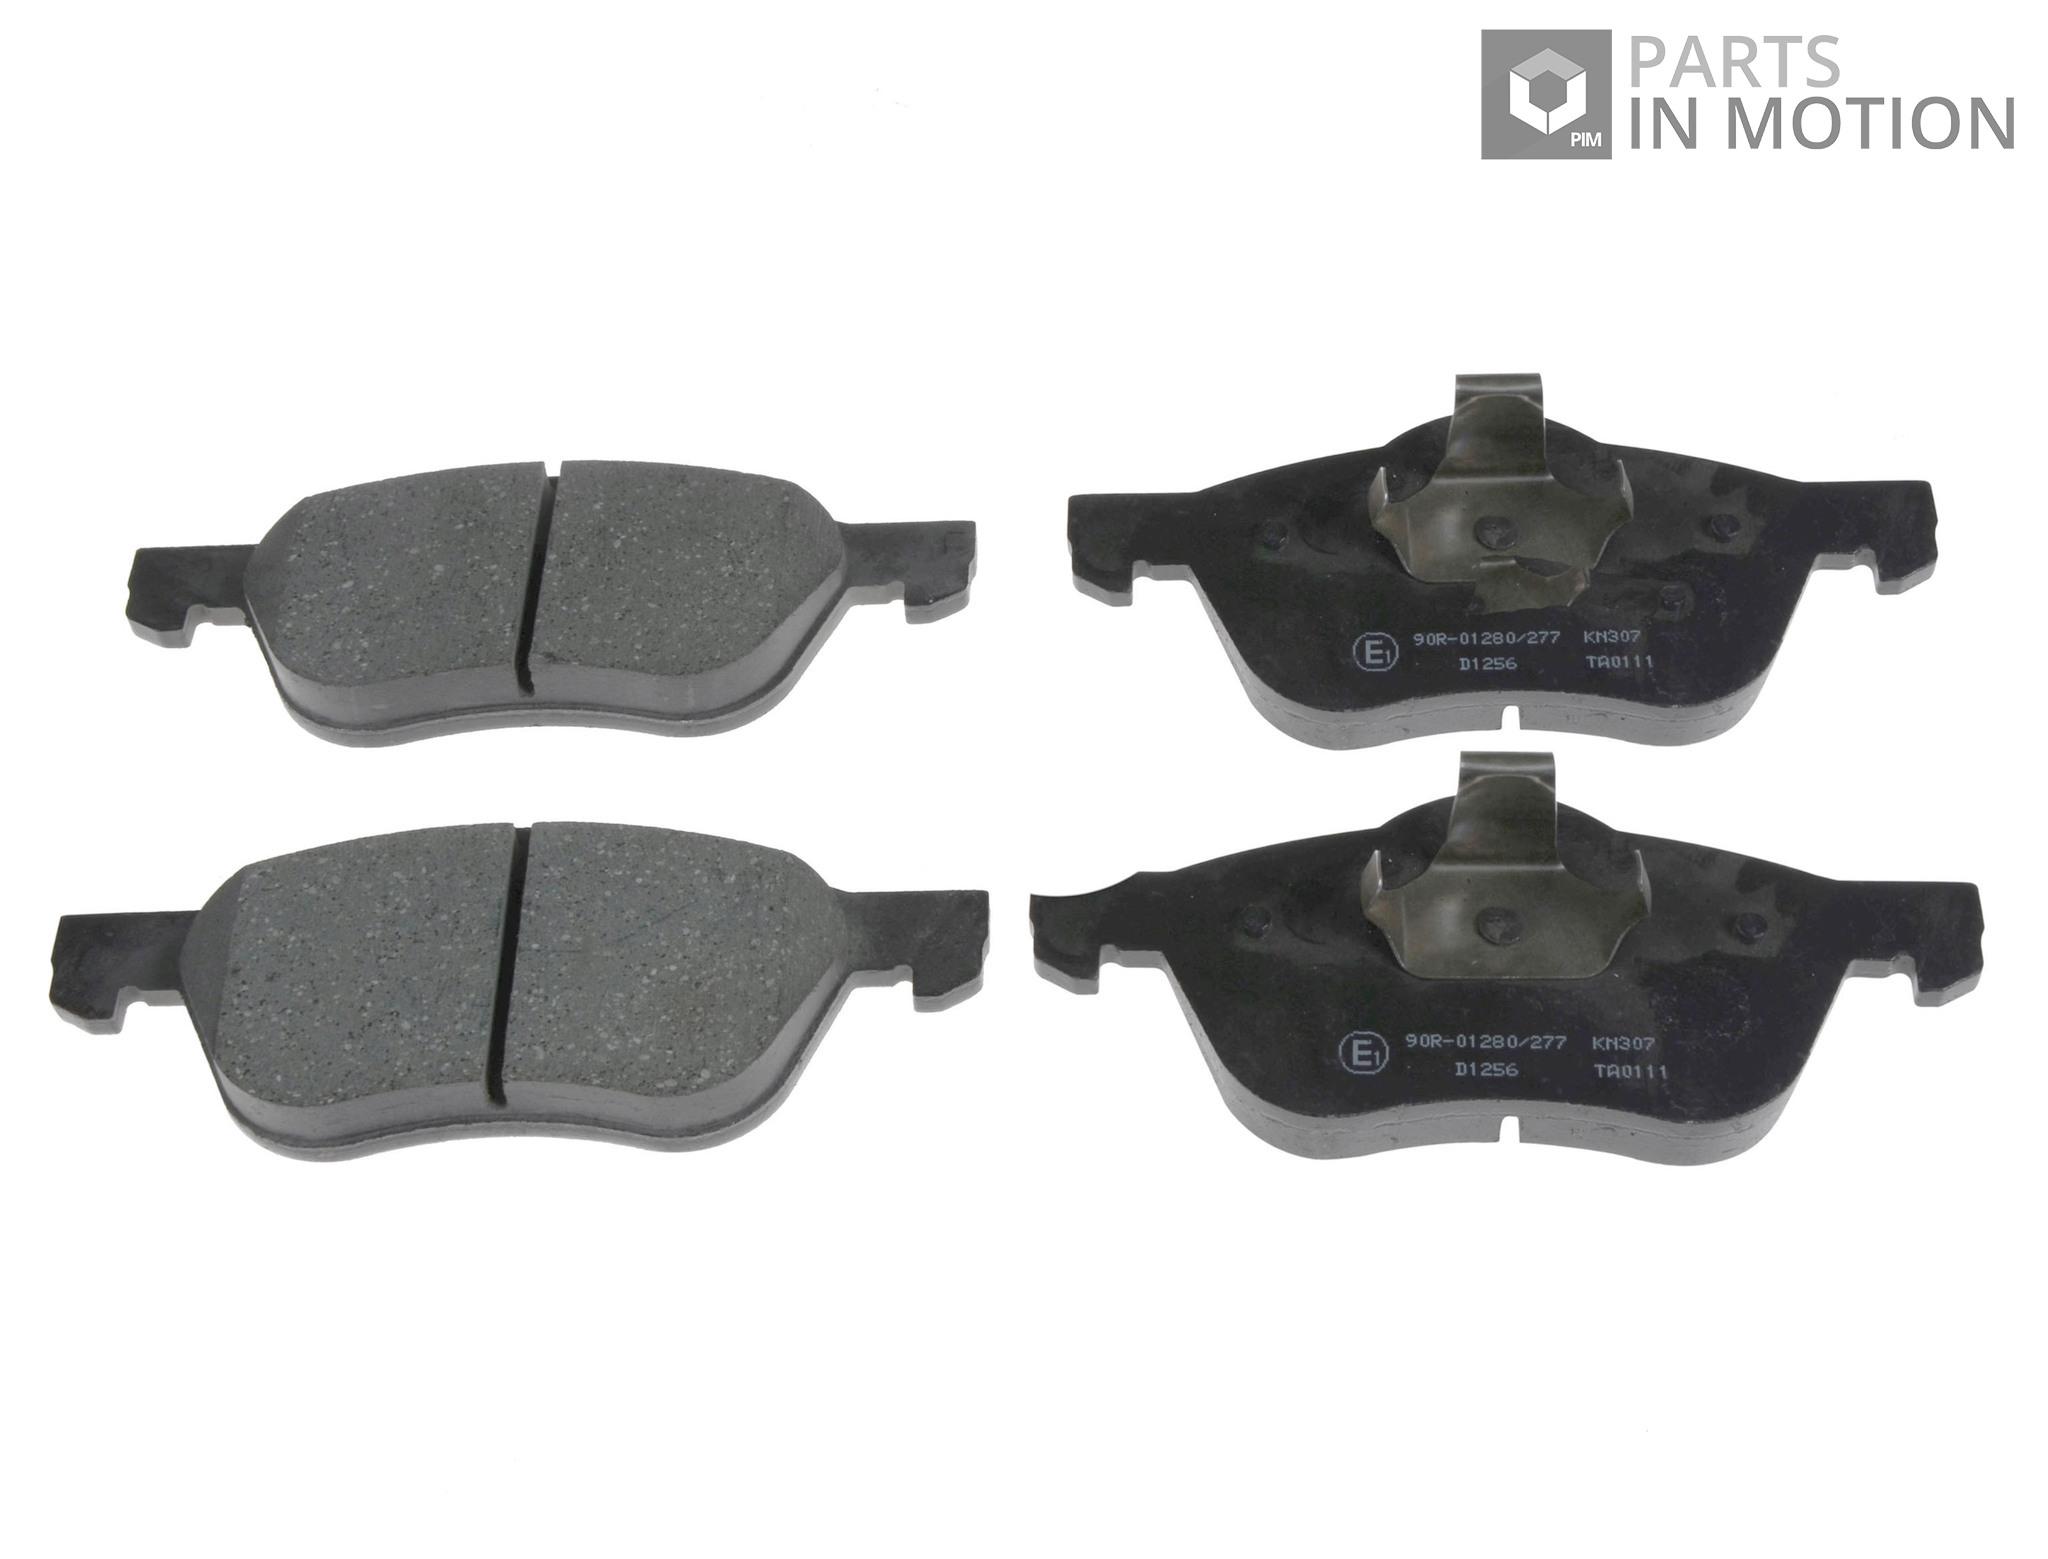 brake pads set fits nissan primera wp11 2 0 front 96 to 01 sr20de rh ebay co uk brake pads manufacturer company brake pads manufacturing